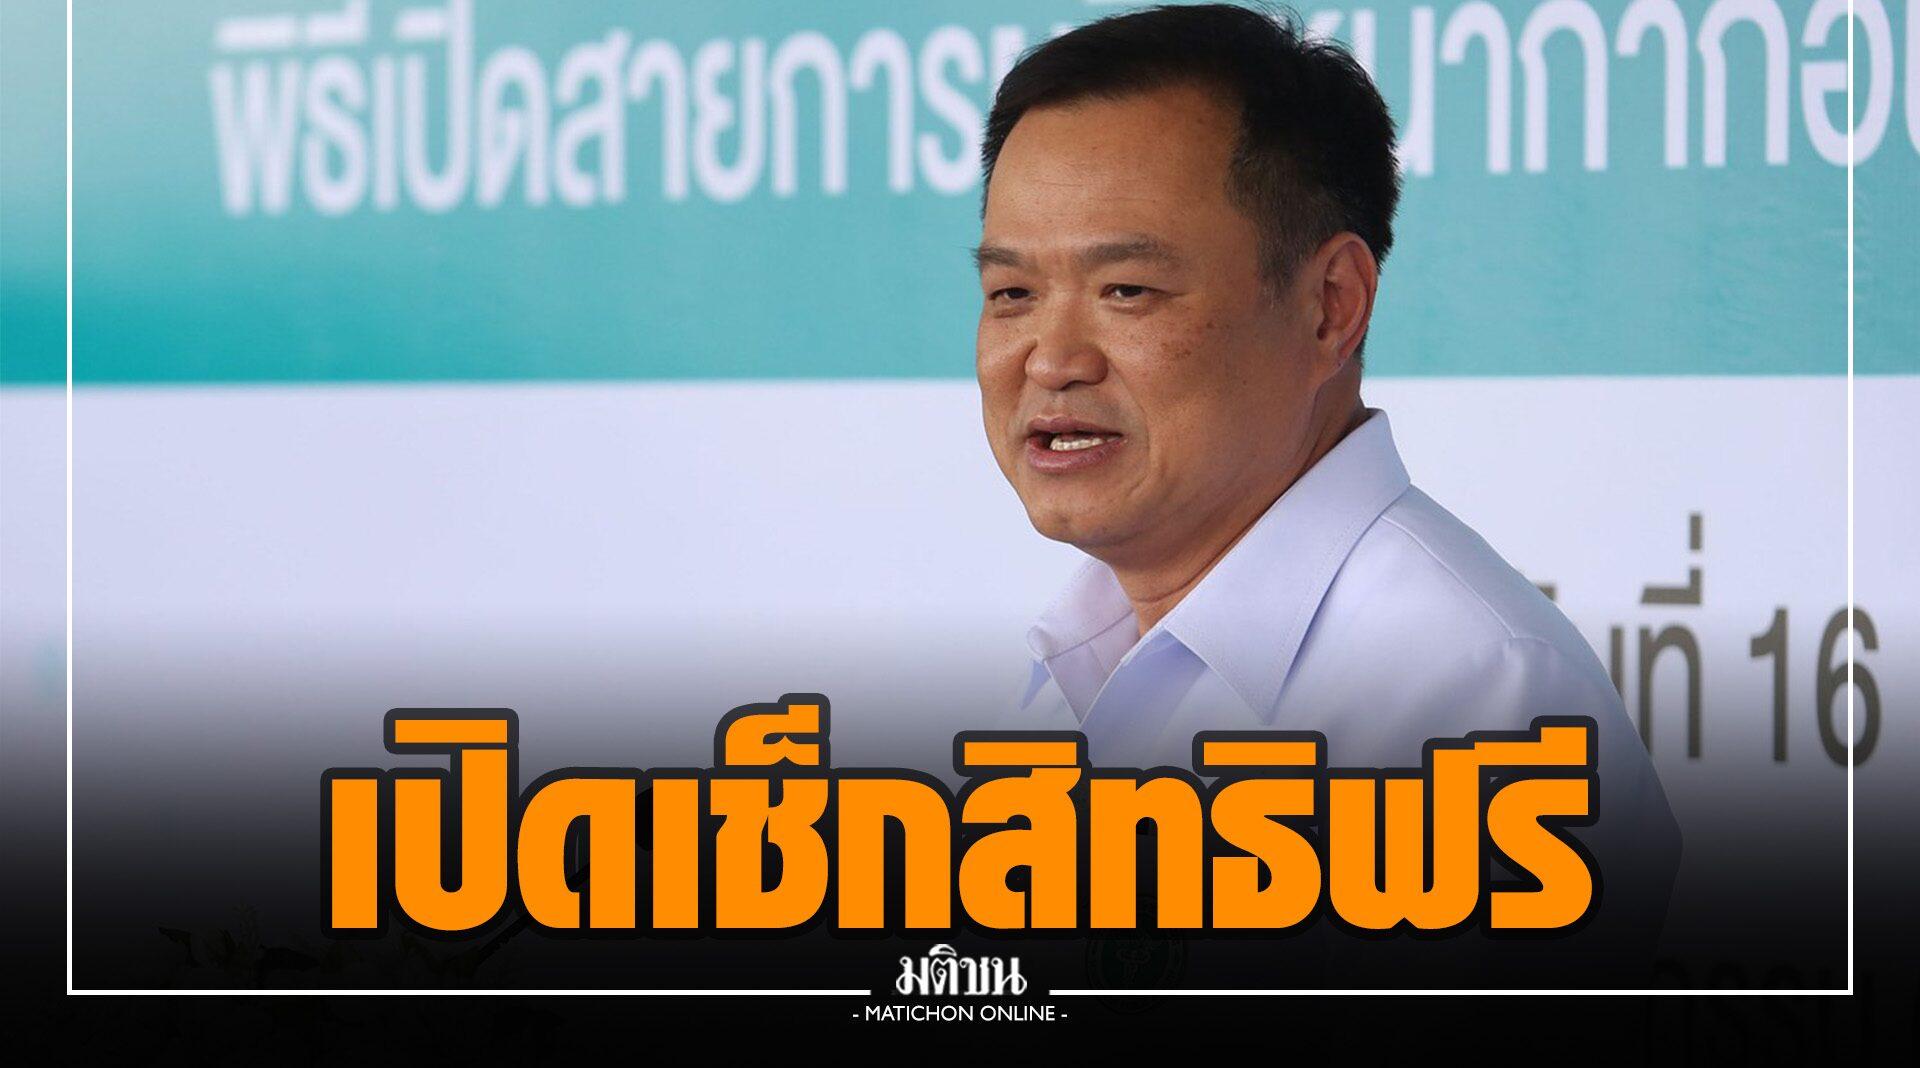 สปสช.- กรุงไทย เปิดเช็กสิทธิสวัสดิการสุขภาพฟรีบนเป๋าตัง